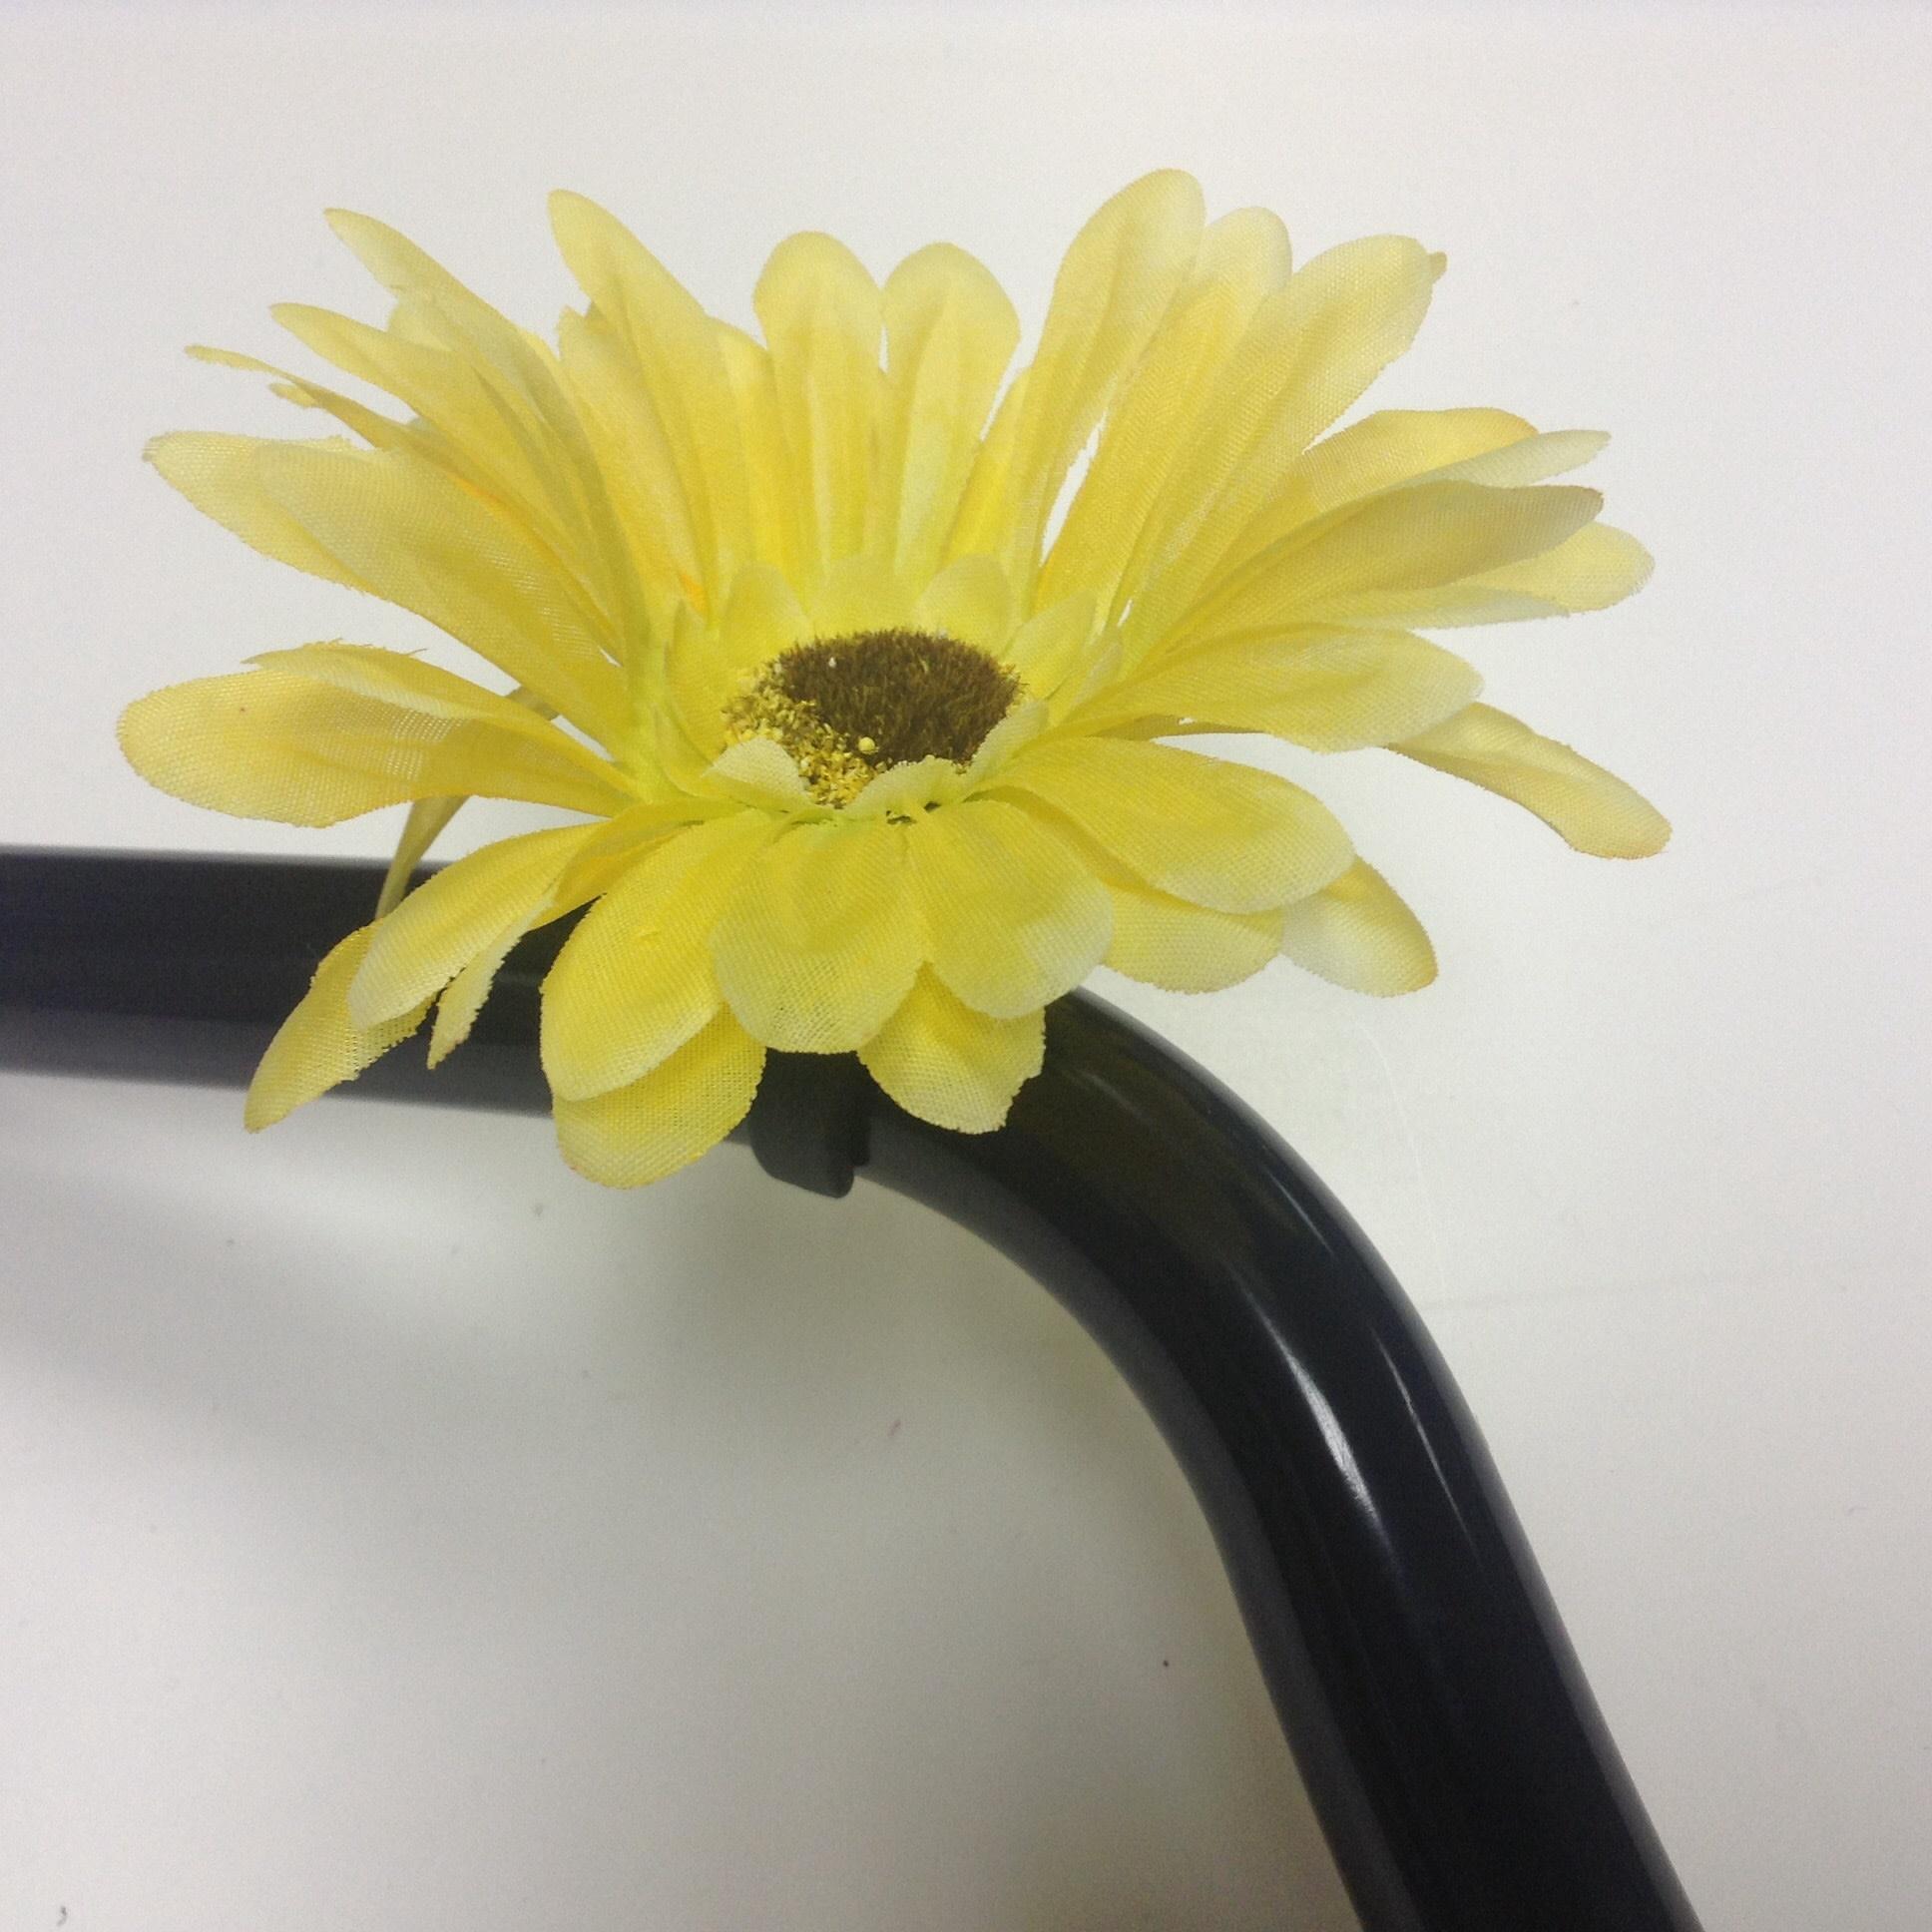 FLOWER, FOR HANDLEBAR